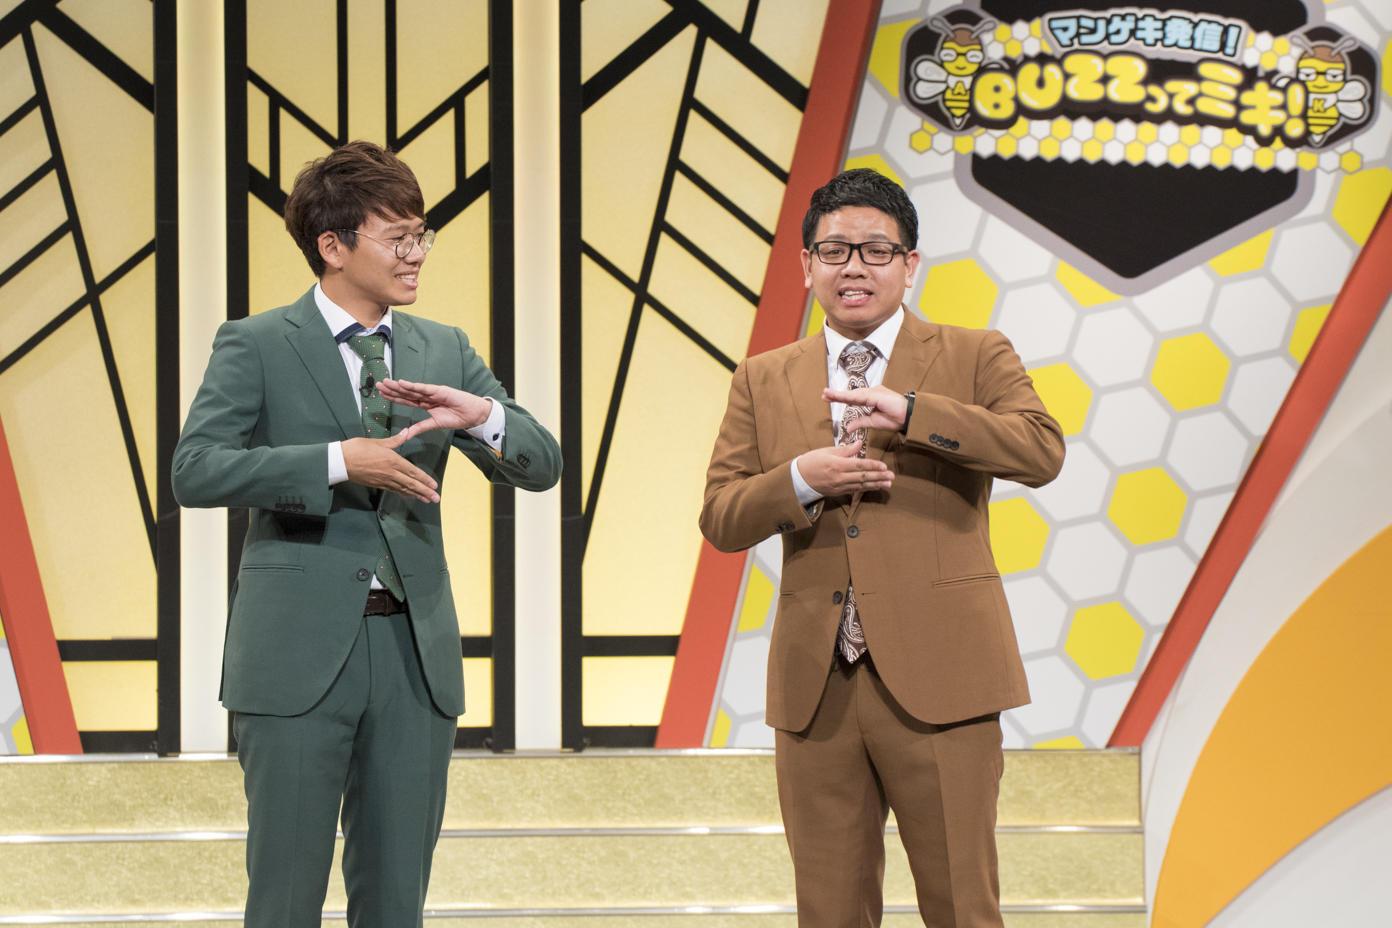 http://news.yoshimoto.co.jp/20170908064520-47a69b3224481eadcdb34f6f23176955a06127d9.jpg